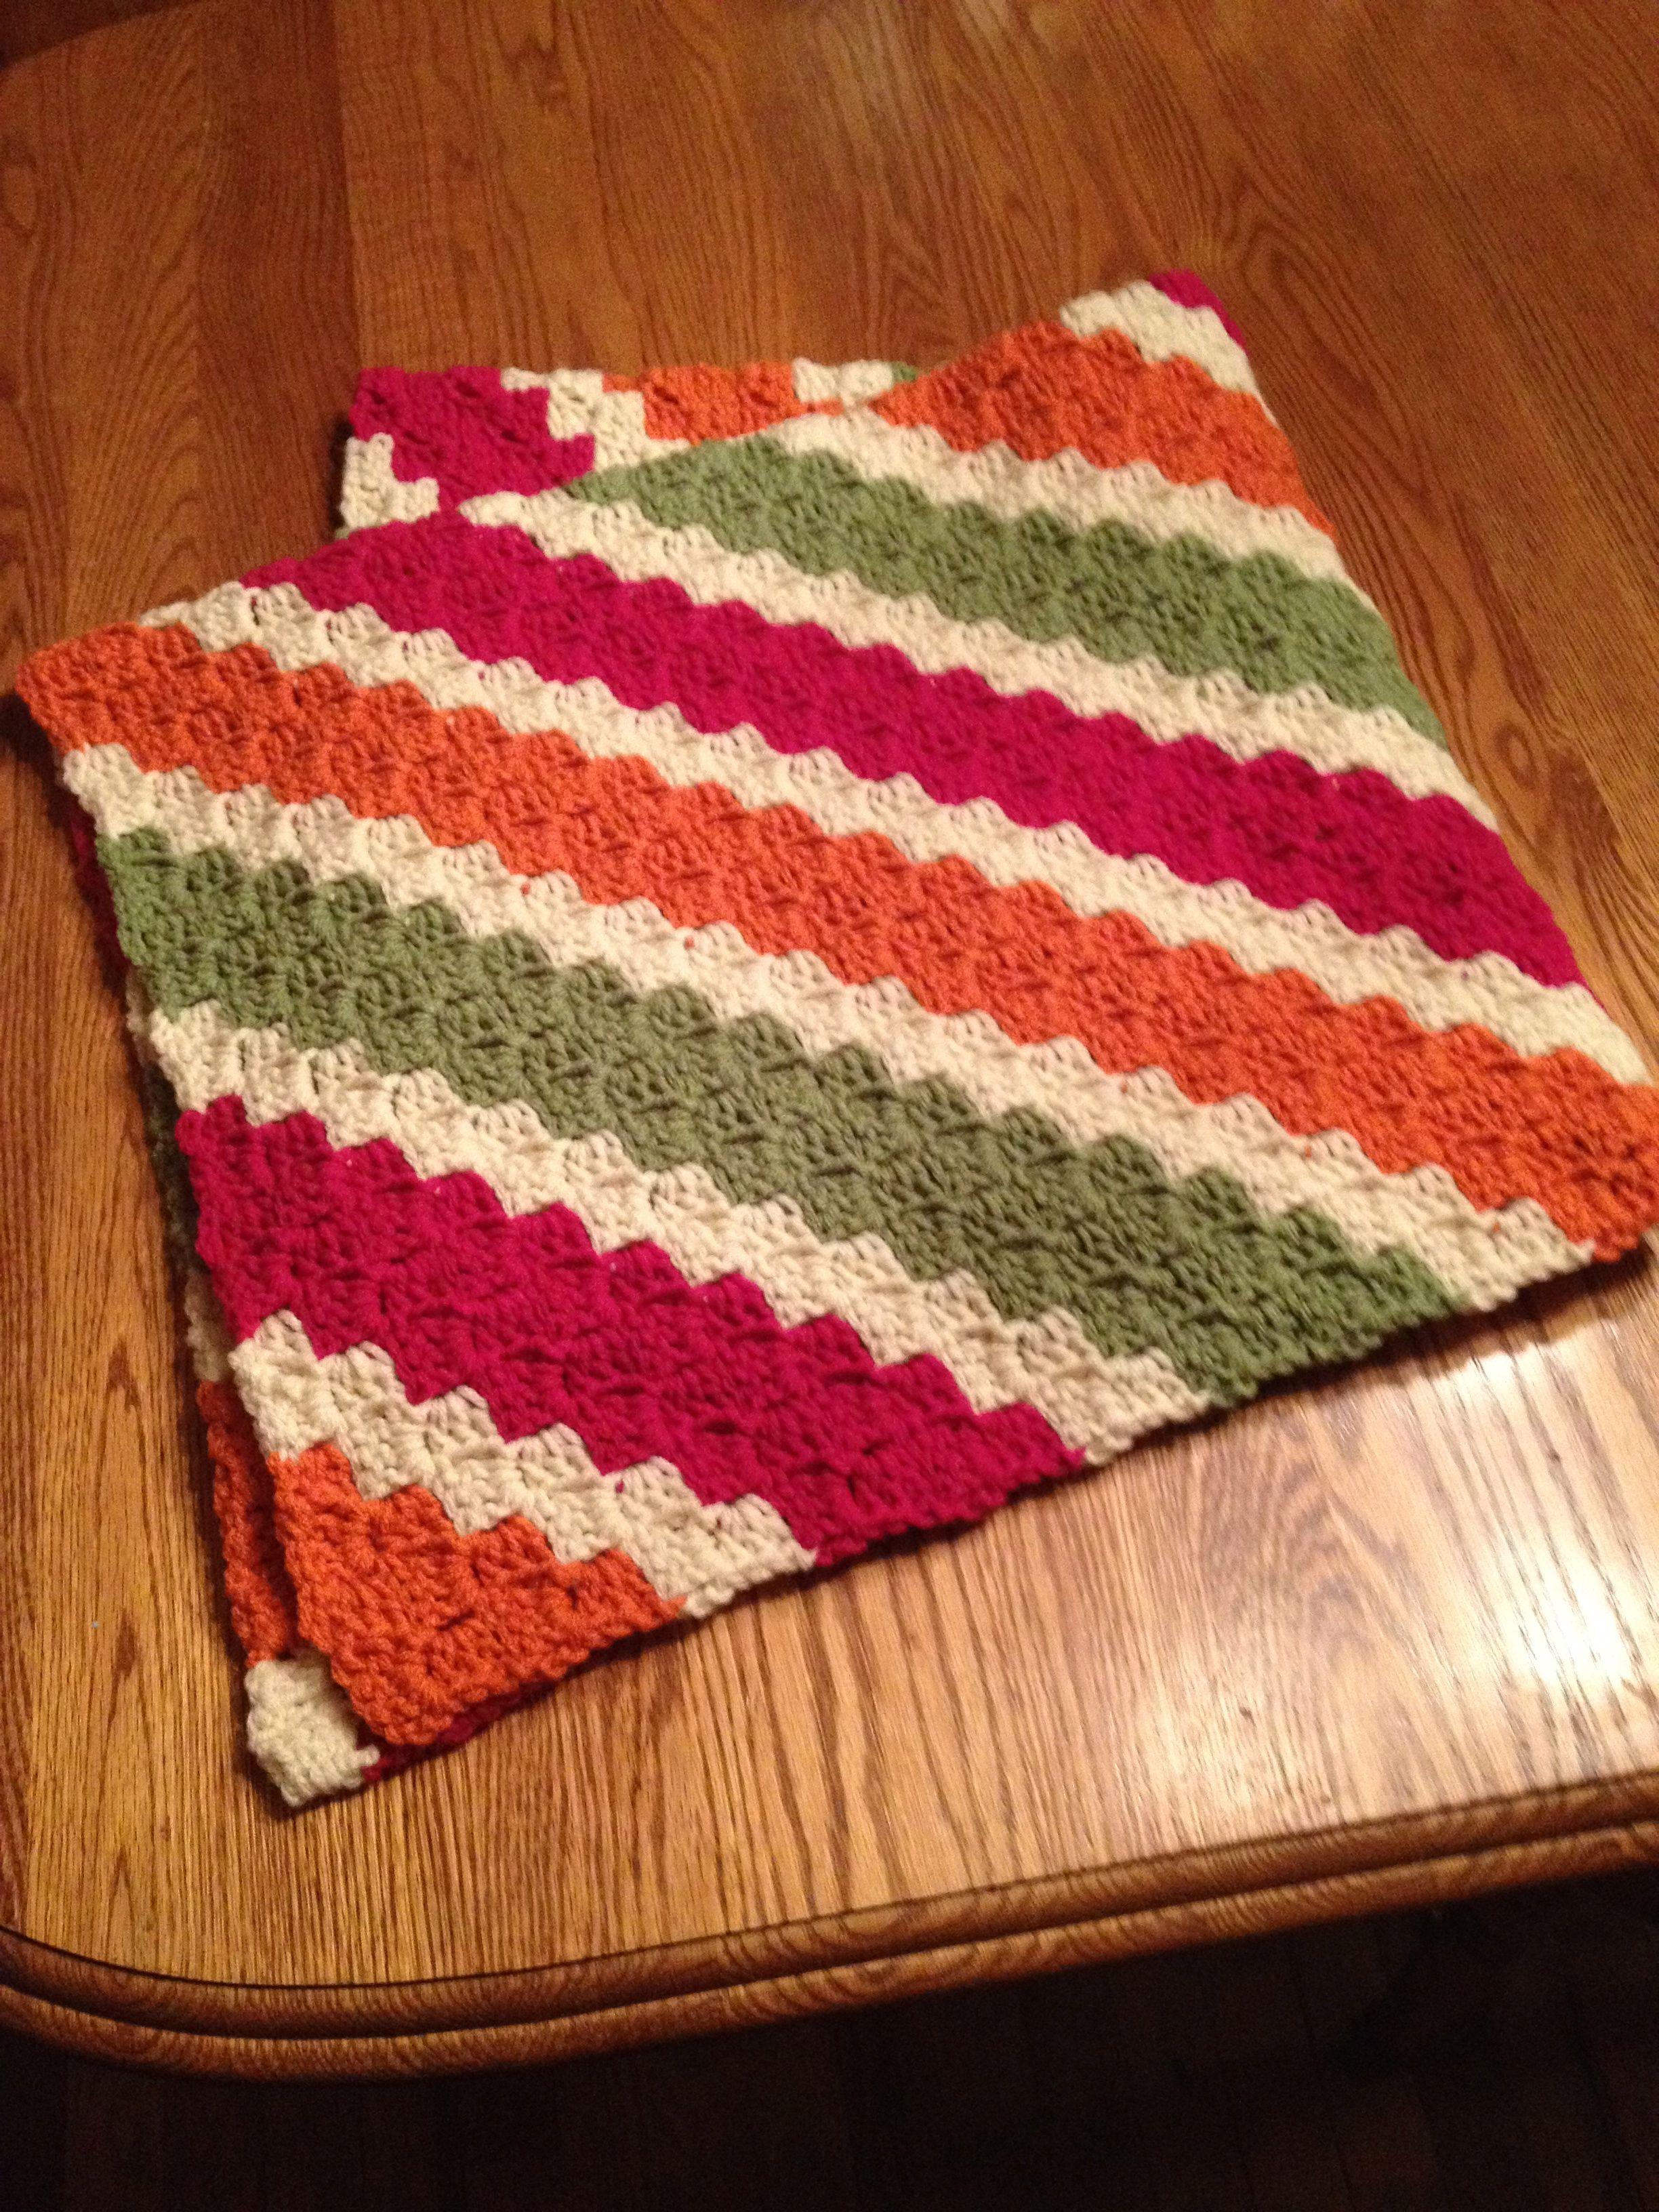 Crochet Pattern For C2c Blanket : Tutti Frutti baby blanket. C2C pattern. Crocheted ...